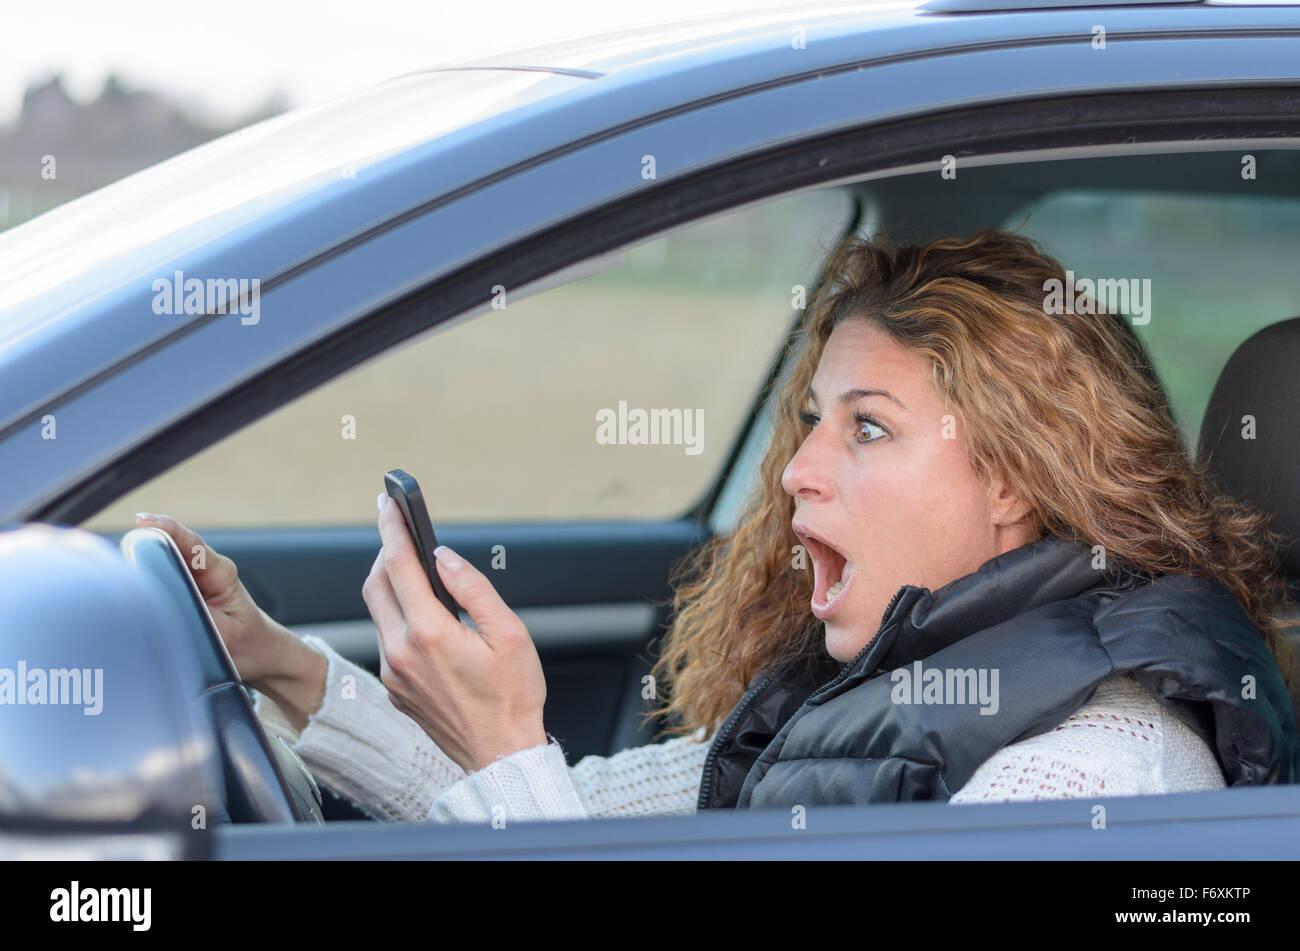 Scared Looking Woman Cellphone Stockfotos und  bilder Kaufen   Alamy